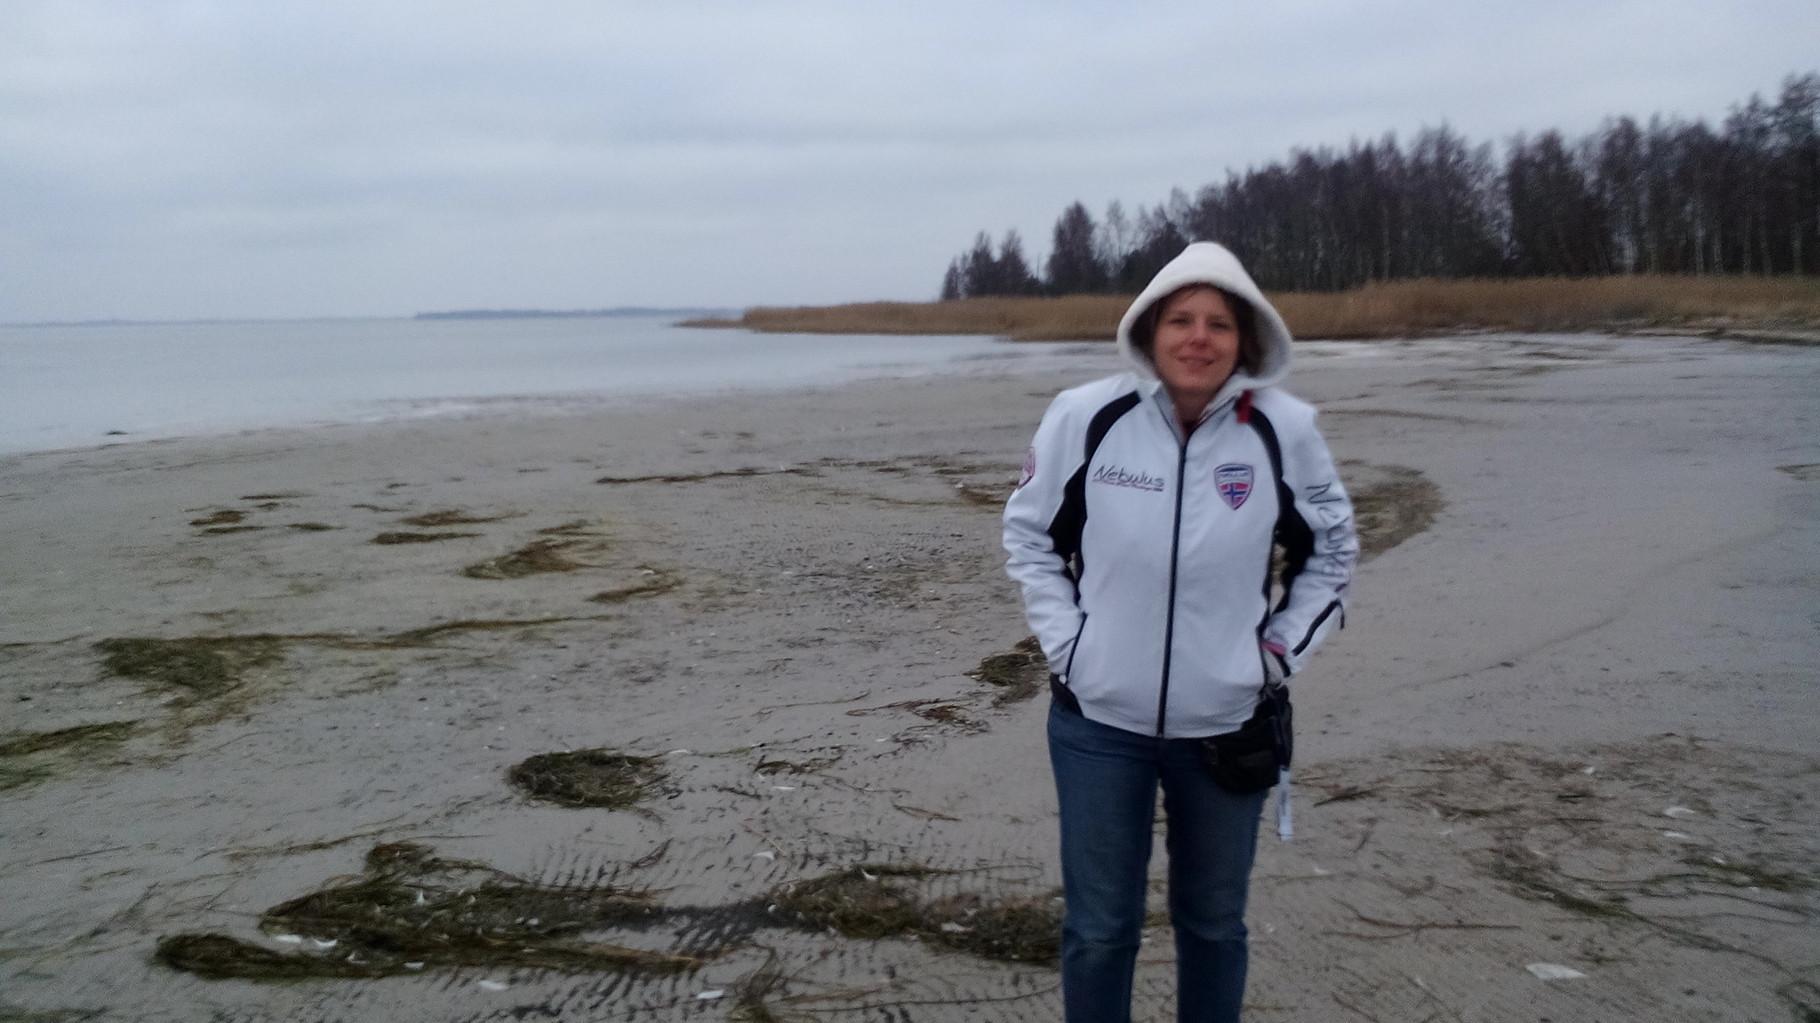 Der kleine Strand am Hafen Barhöft